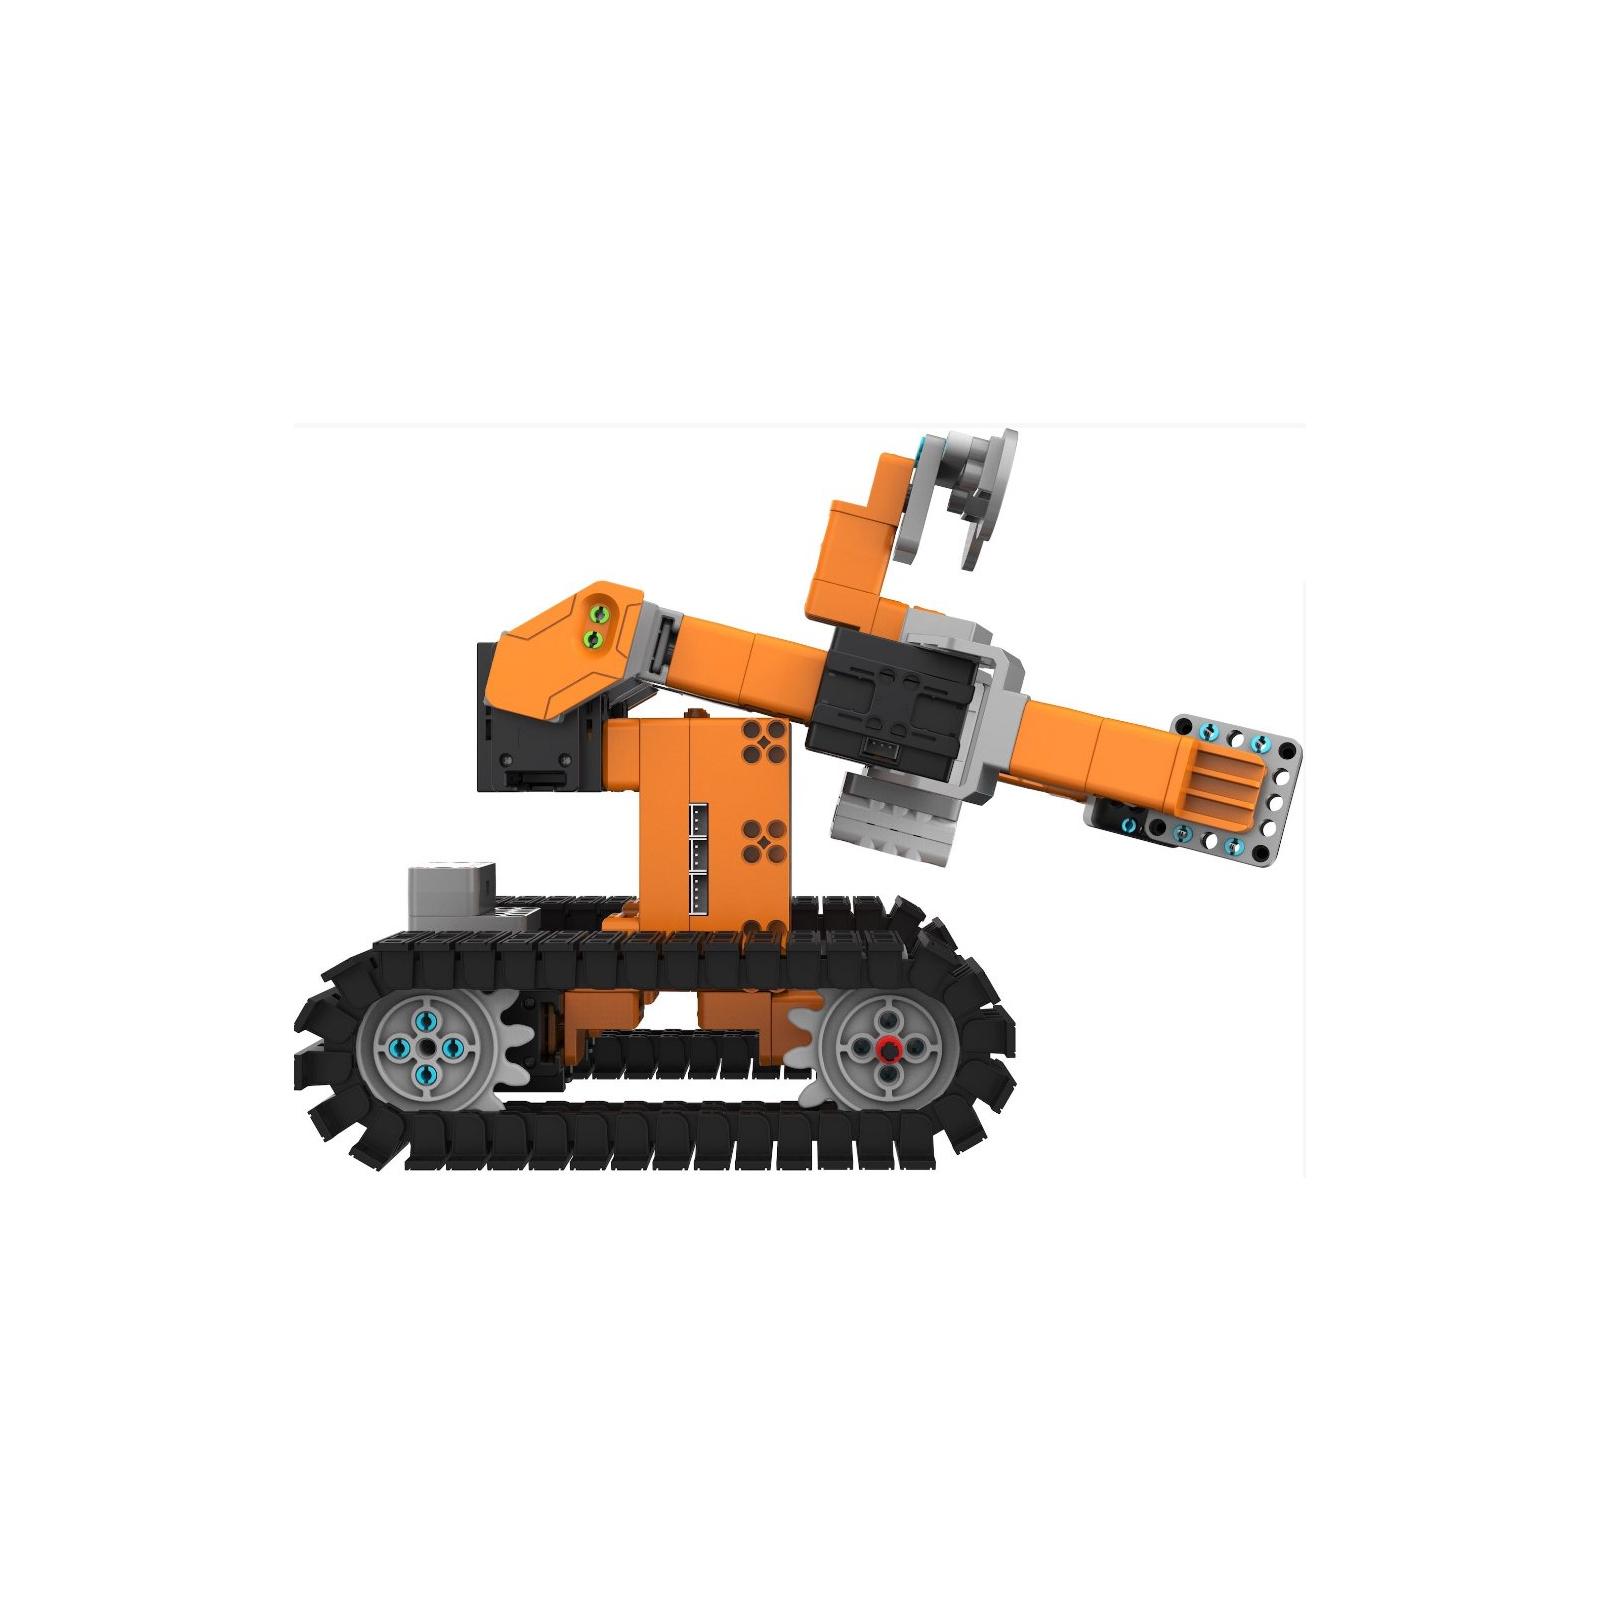 Робот Ubtech JIMU Tankbot (6 servos) (JR0601-1) изображение 5